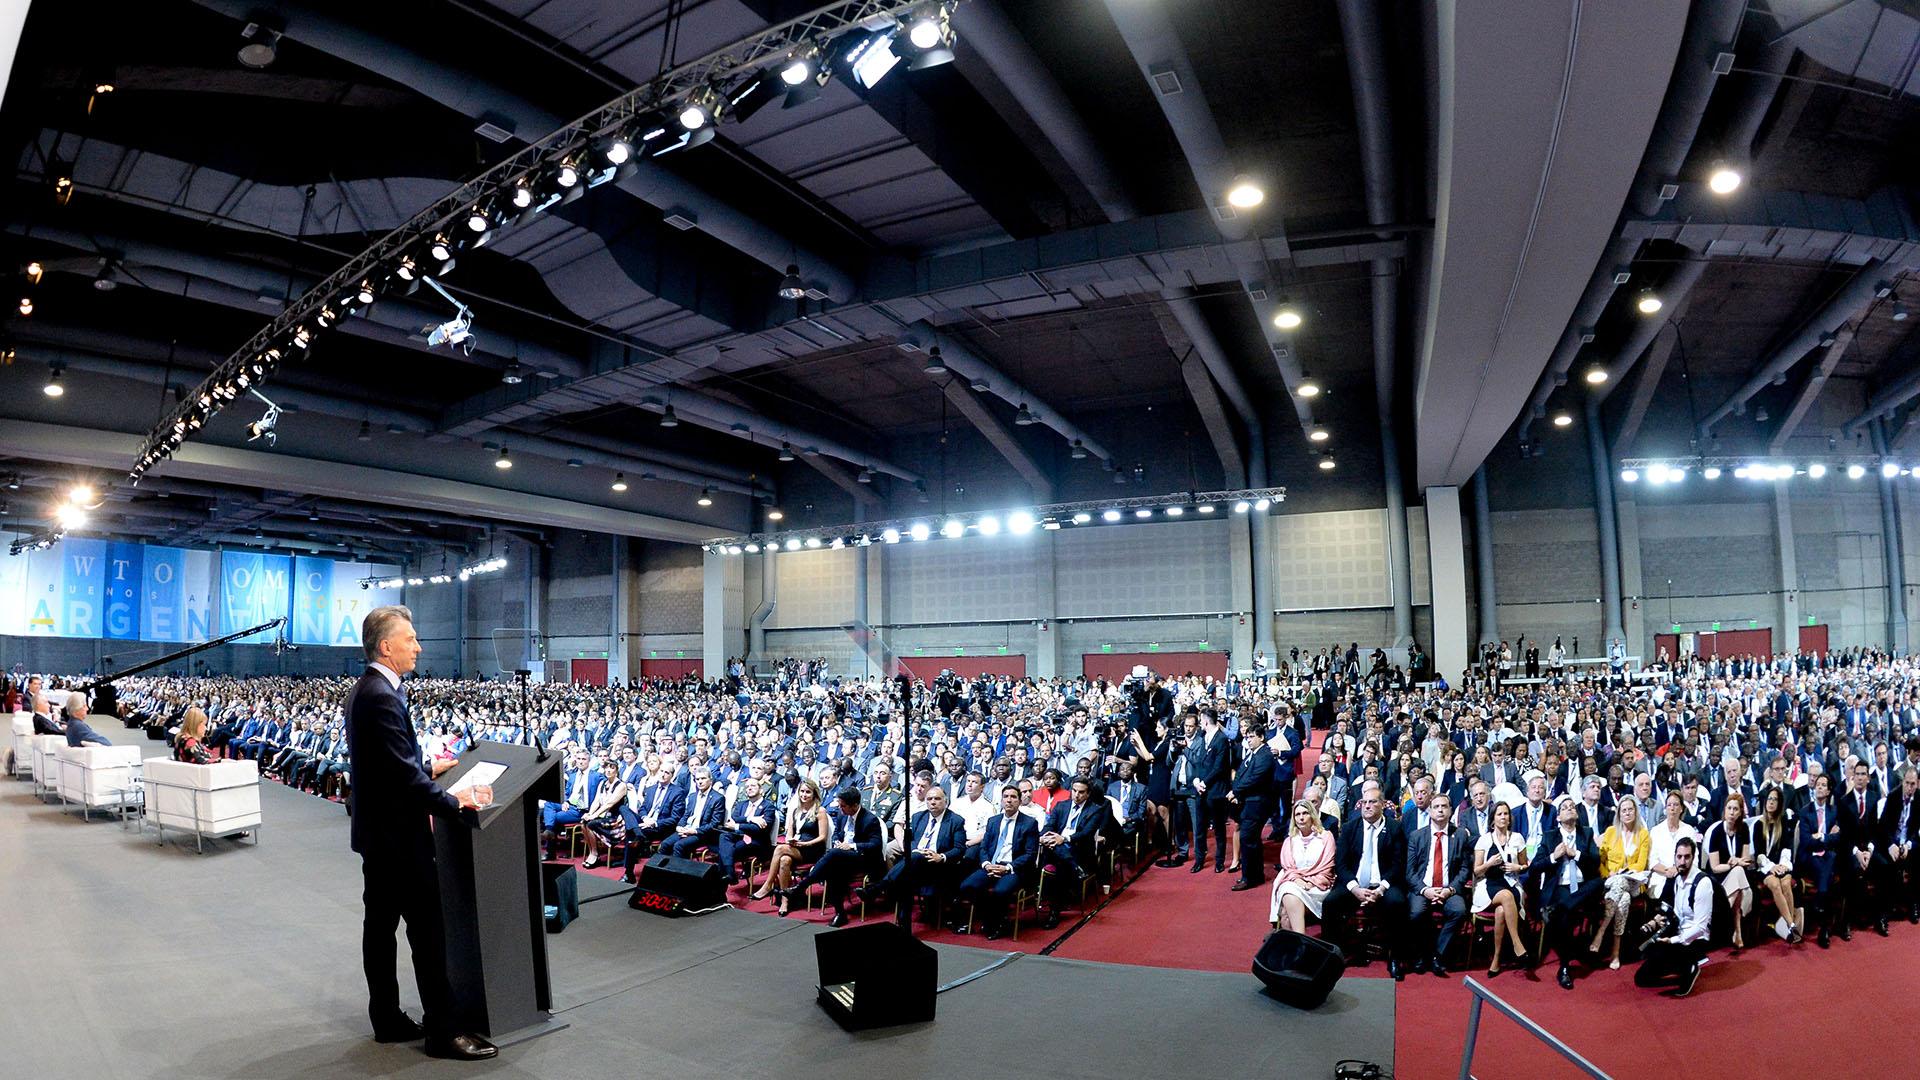 La XI cumbre de la Organización Mundial de Comercio (OMC) se extenderá hasta el miércoles